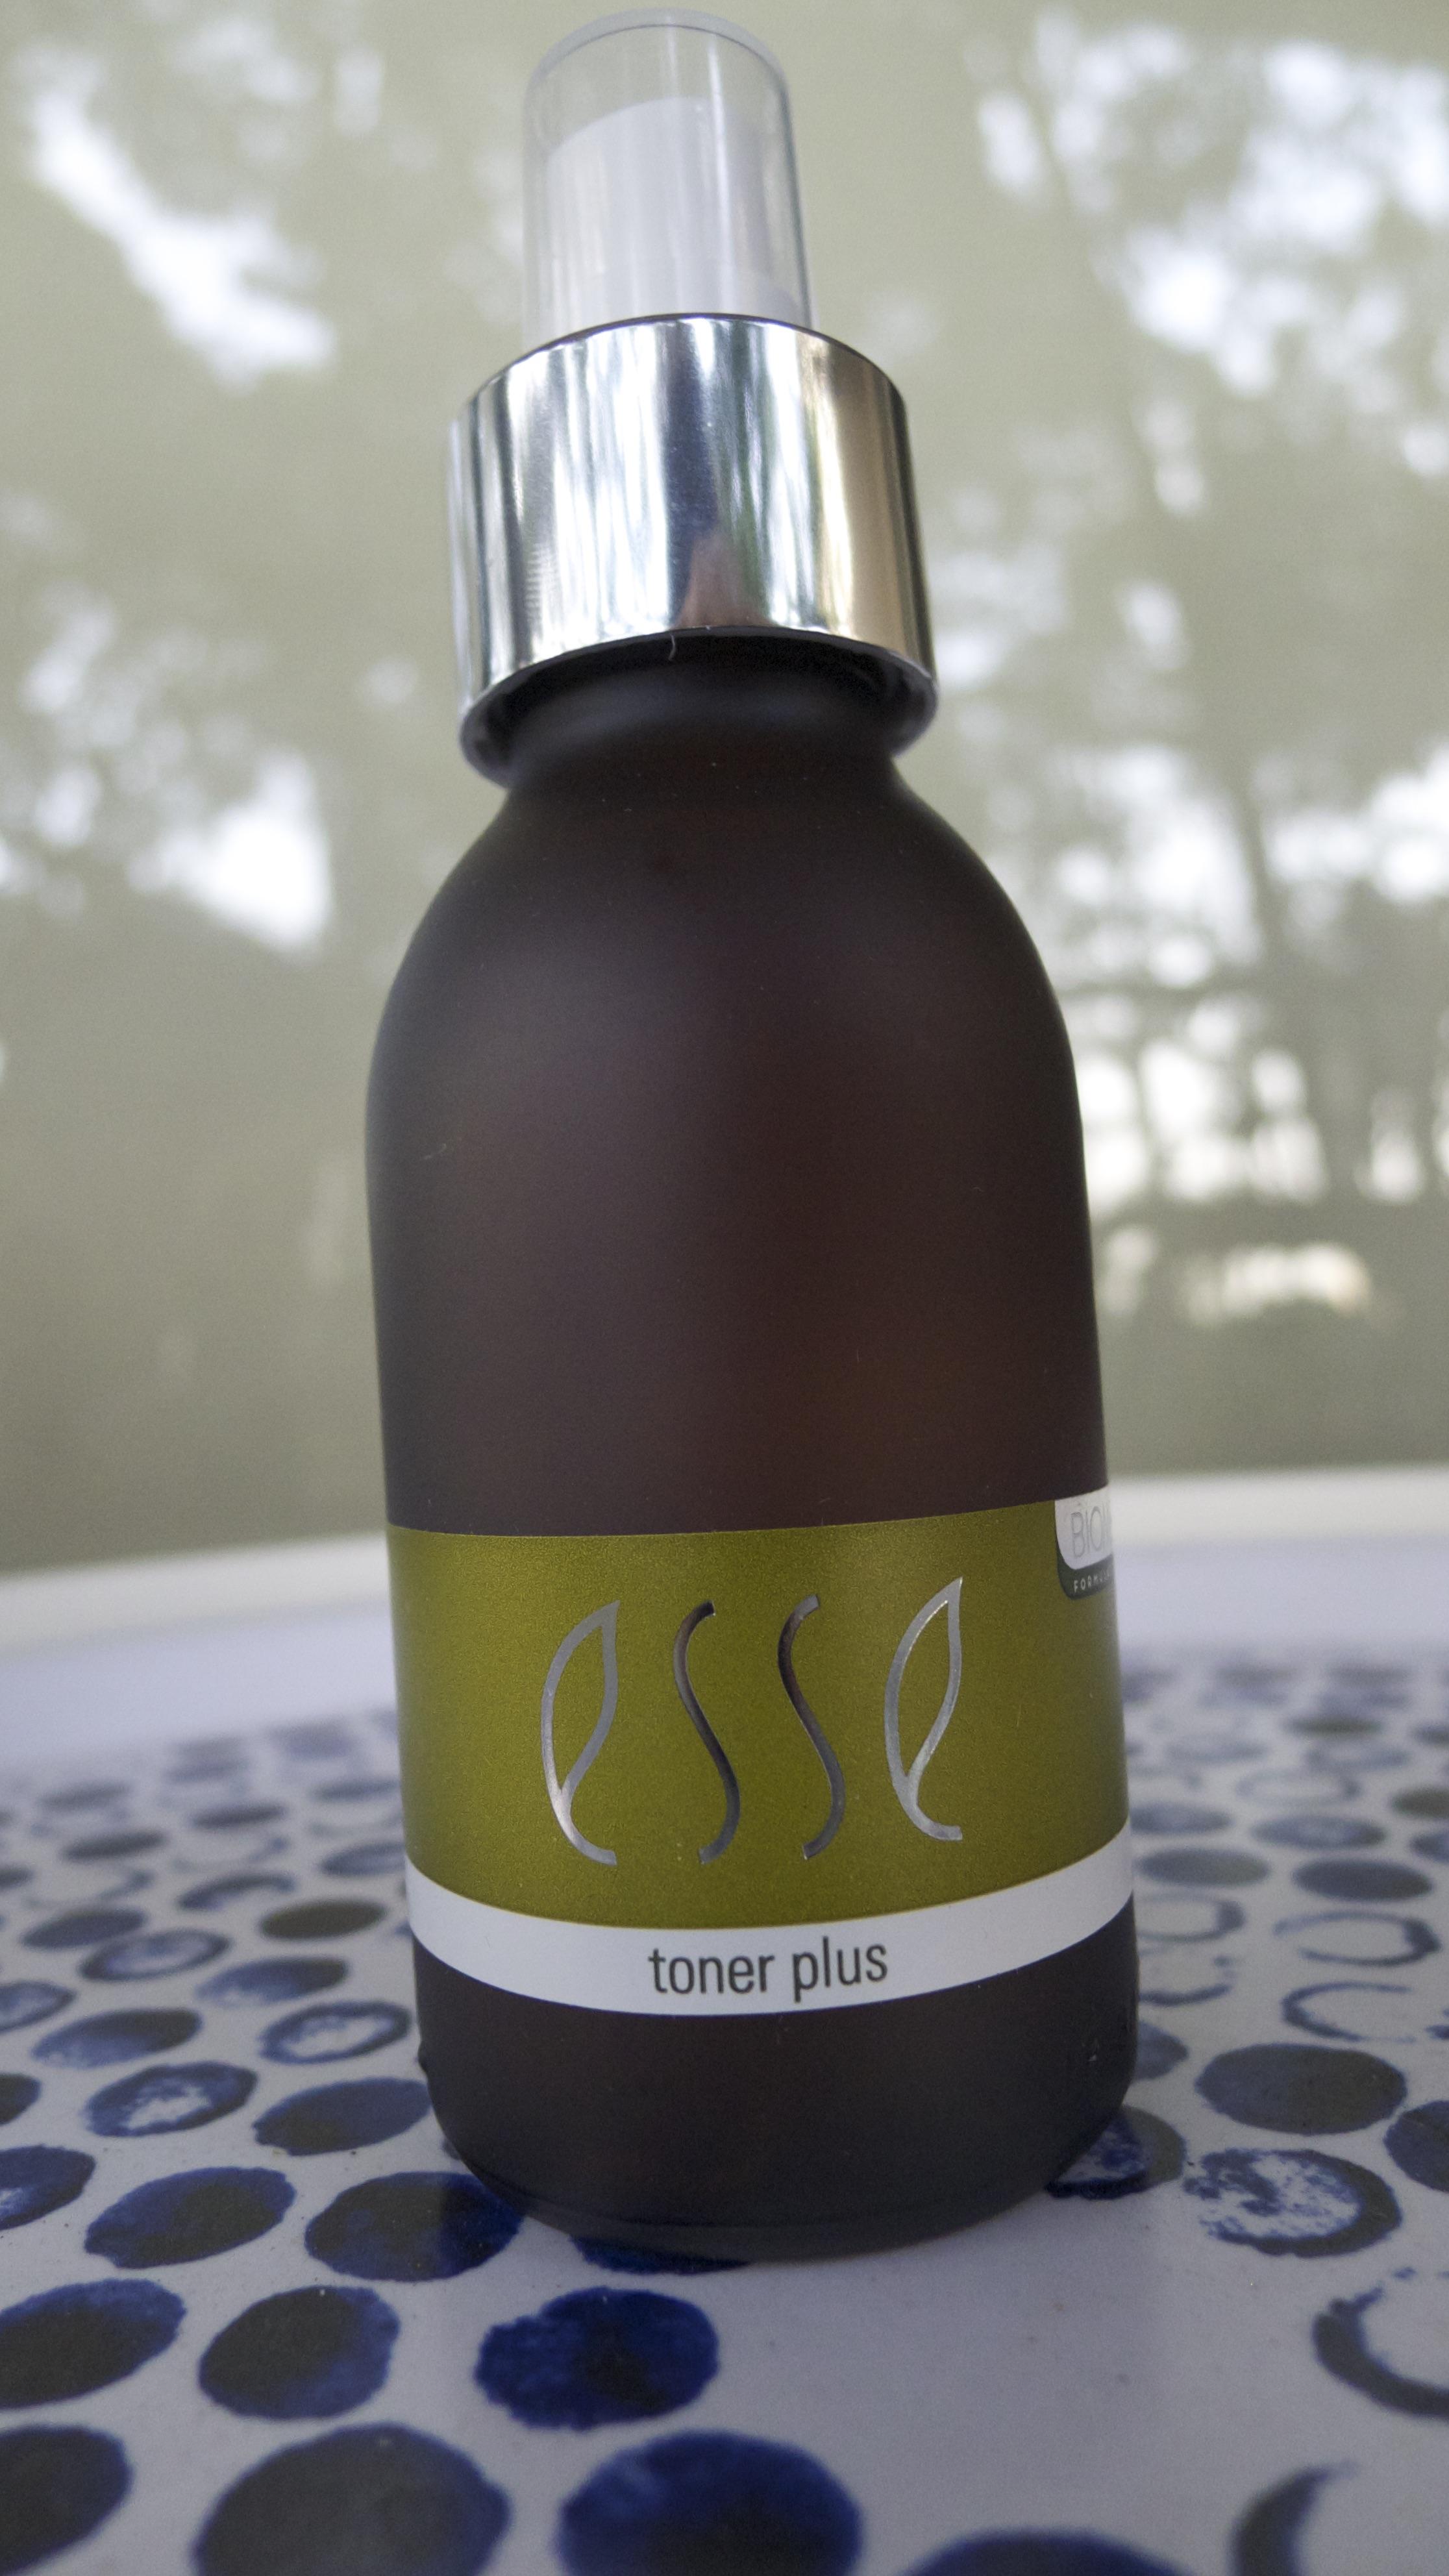 Esse skincare, Toner Plus